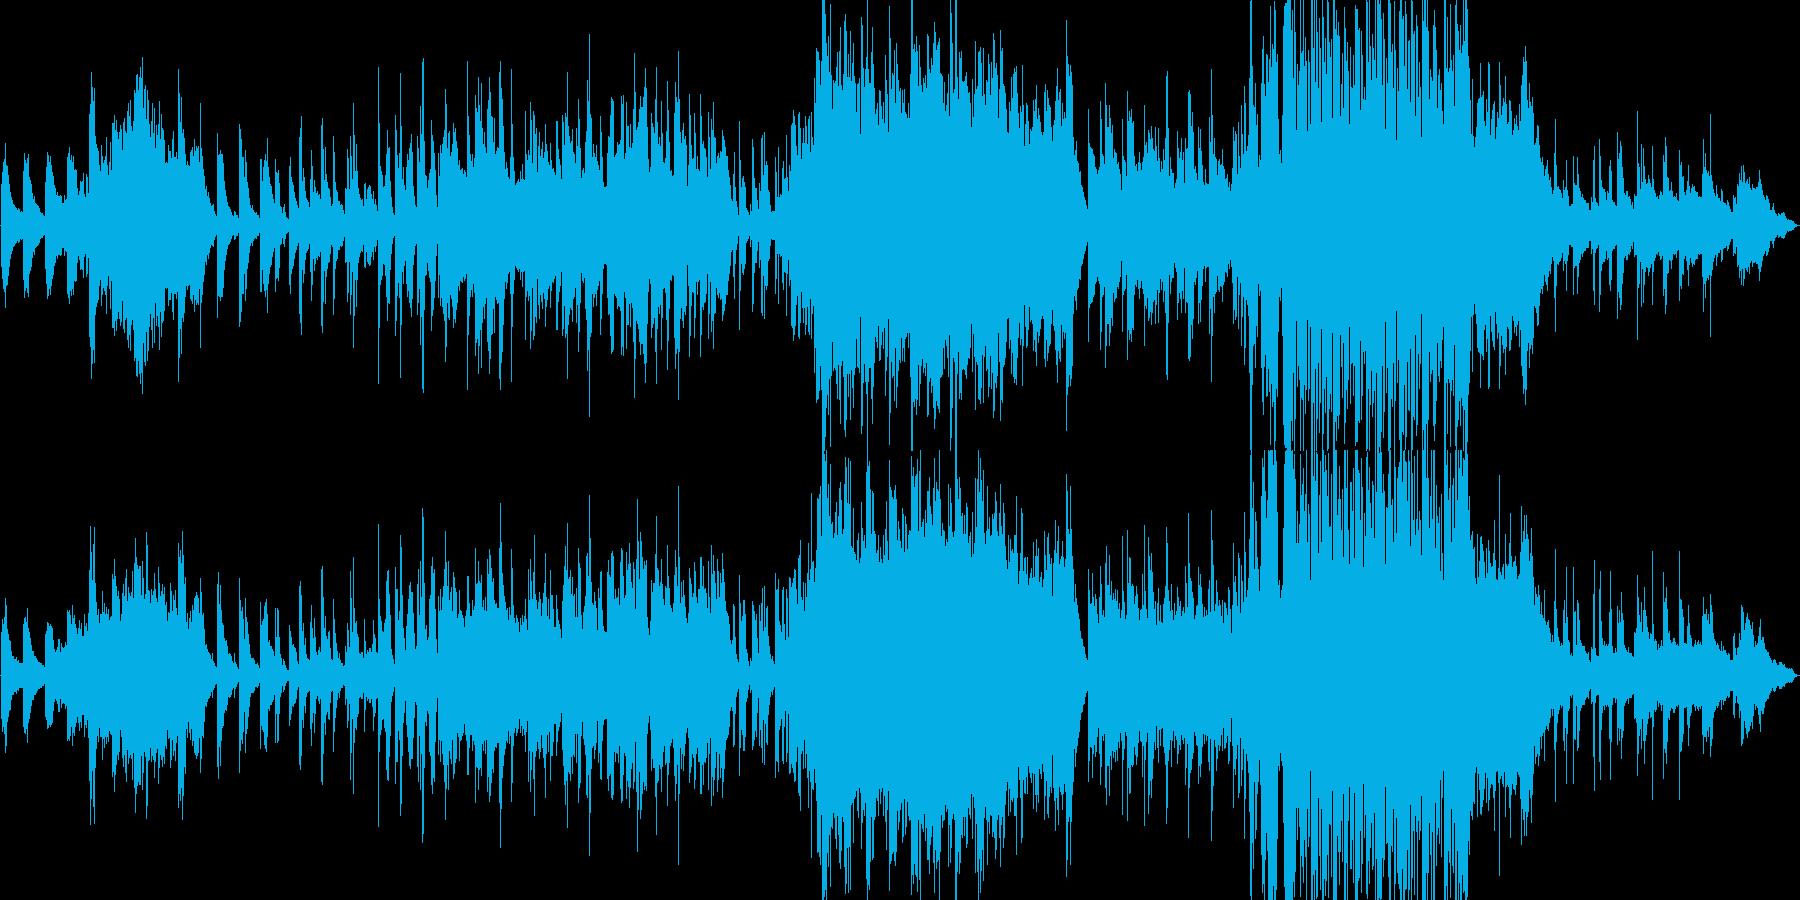 ピアノが印象的な寂しい雰囲気のバラード4の再生済みの波形